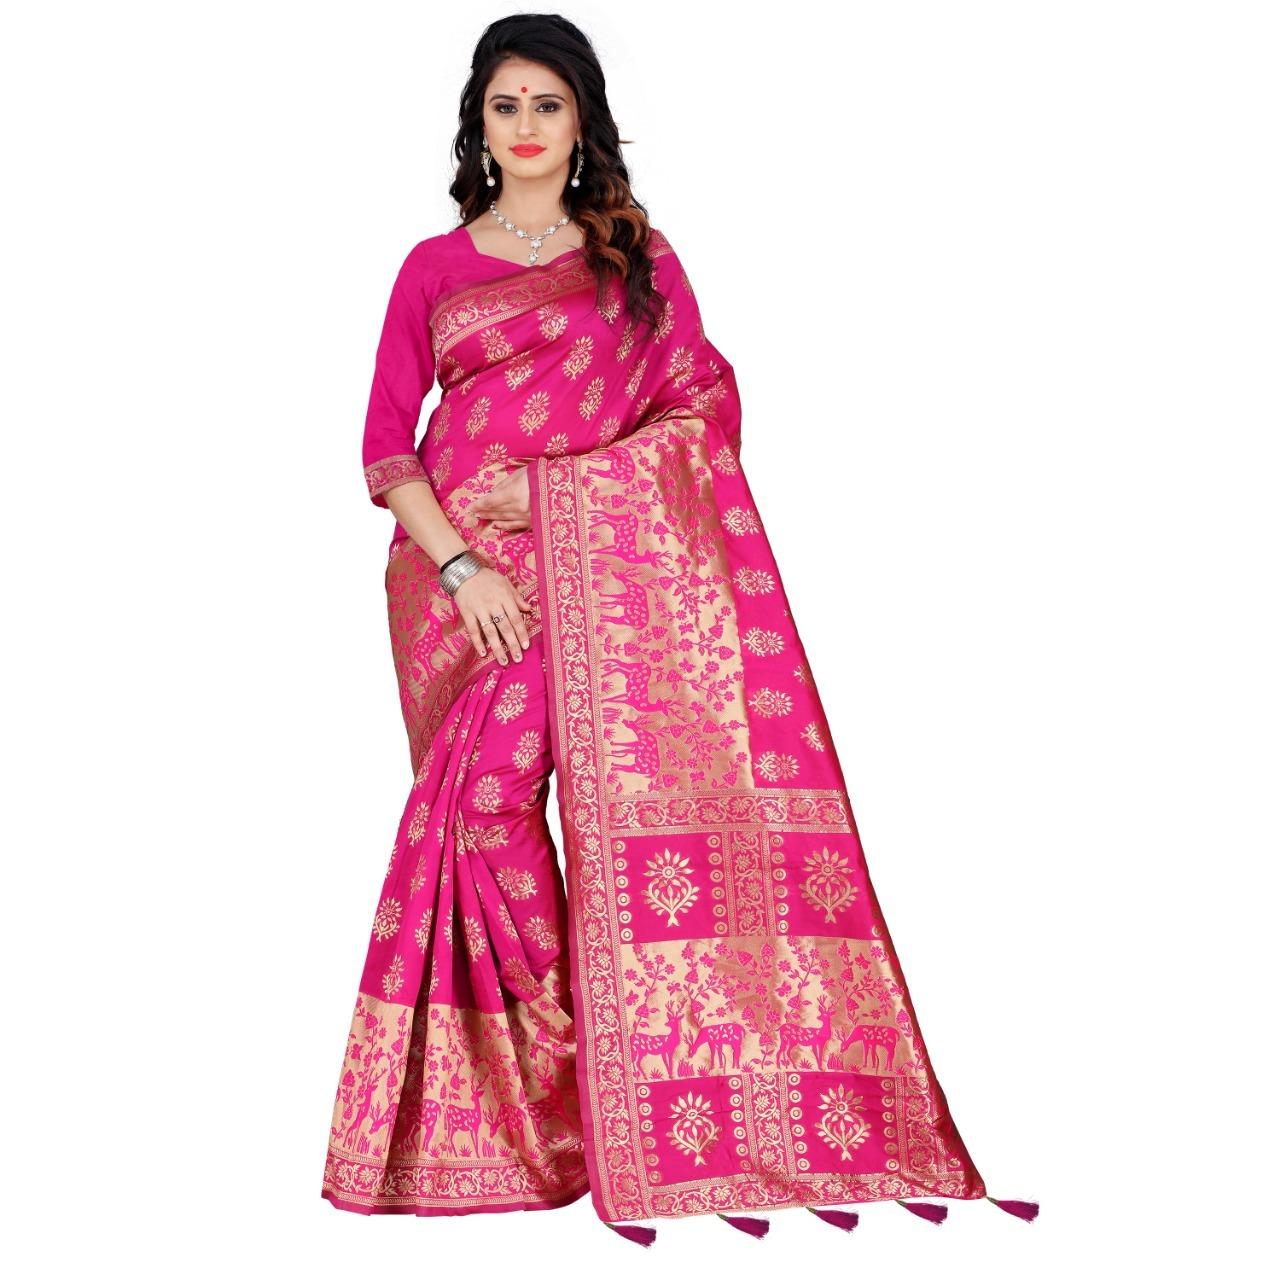 Rich Pallu Banarasi Silk Saree With Thread Work